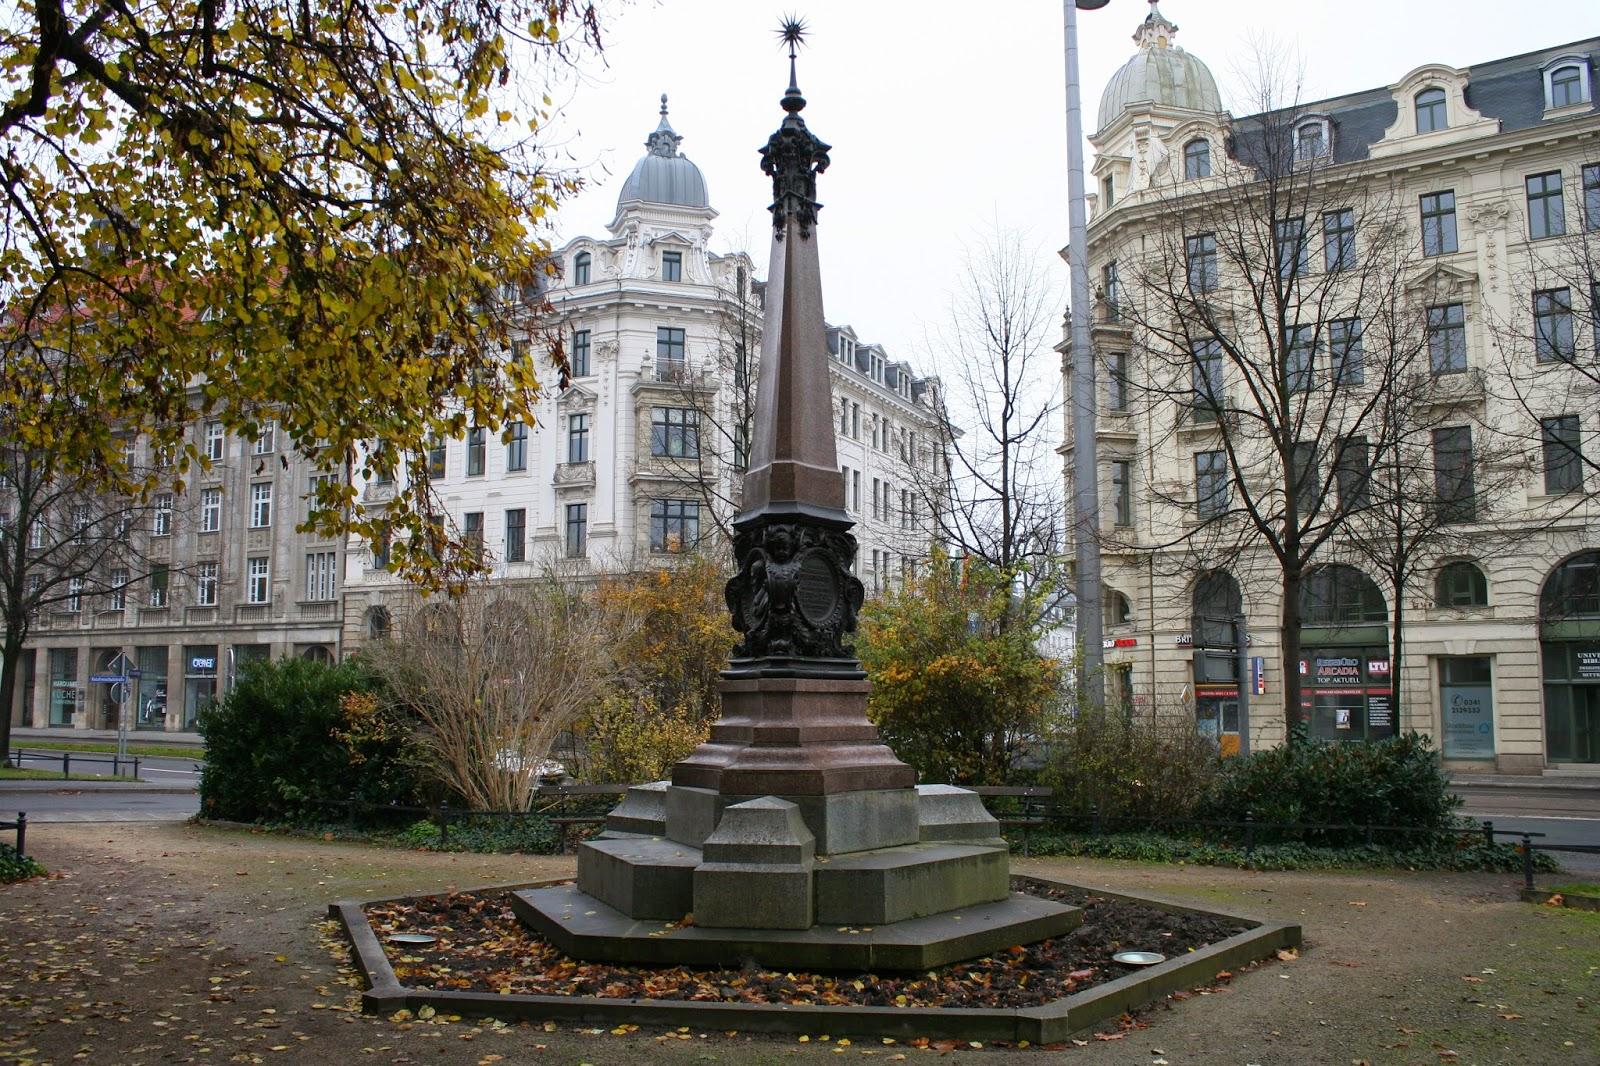 Das Plato-Dolz-Denkmal wurde 1894 zum 100-jährigen Bestehen der Ratsfreischule Leipzig zu Ehren der beiden ersten Direktoren Karl Gottlieb Plato und Johann Christian Dolz an der Ecke Martin-Luther-Ring/Dittrichring aufgestellt